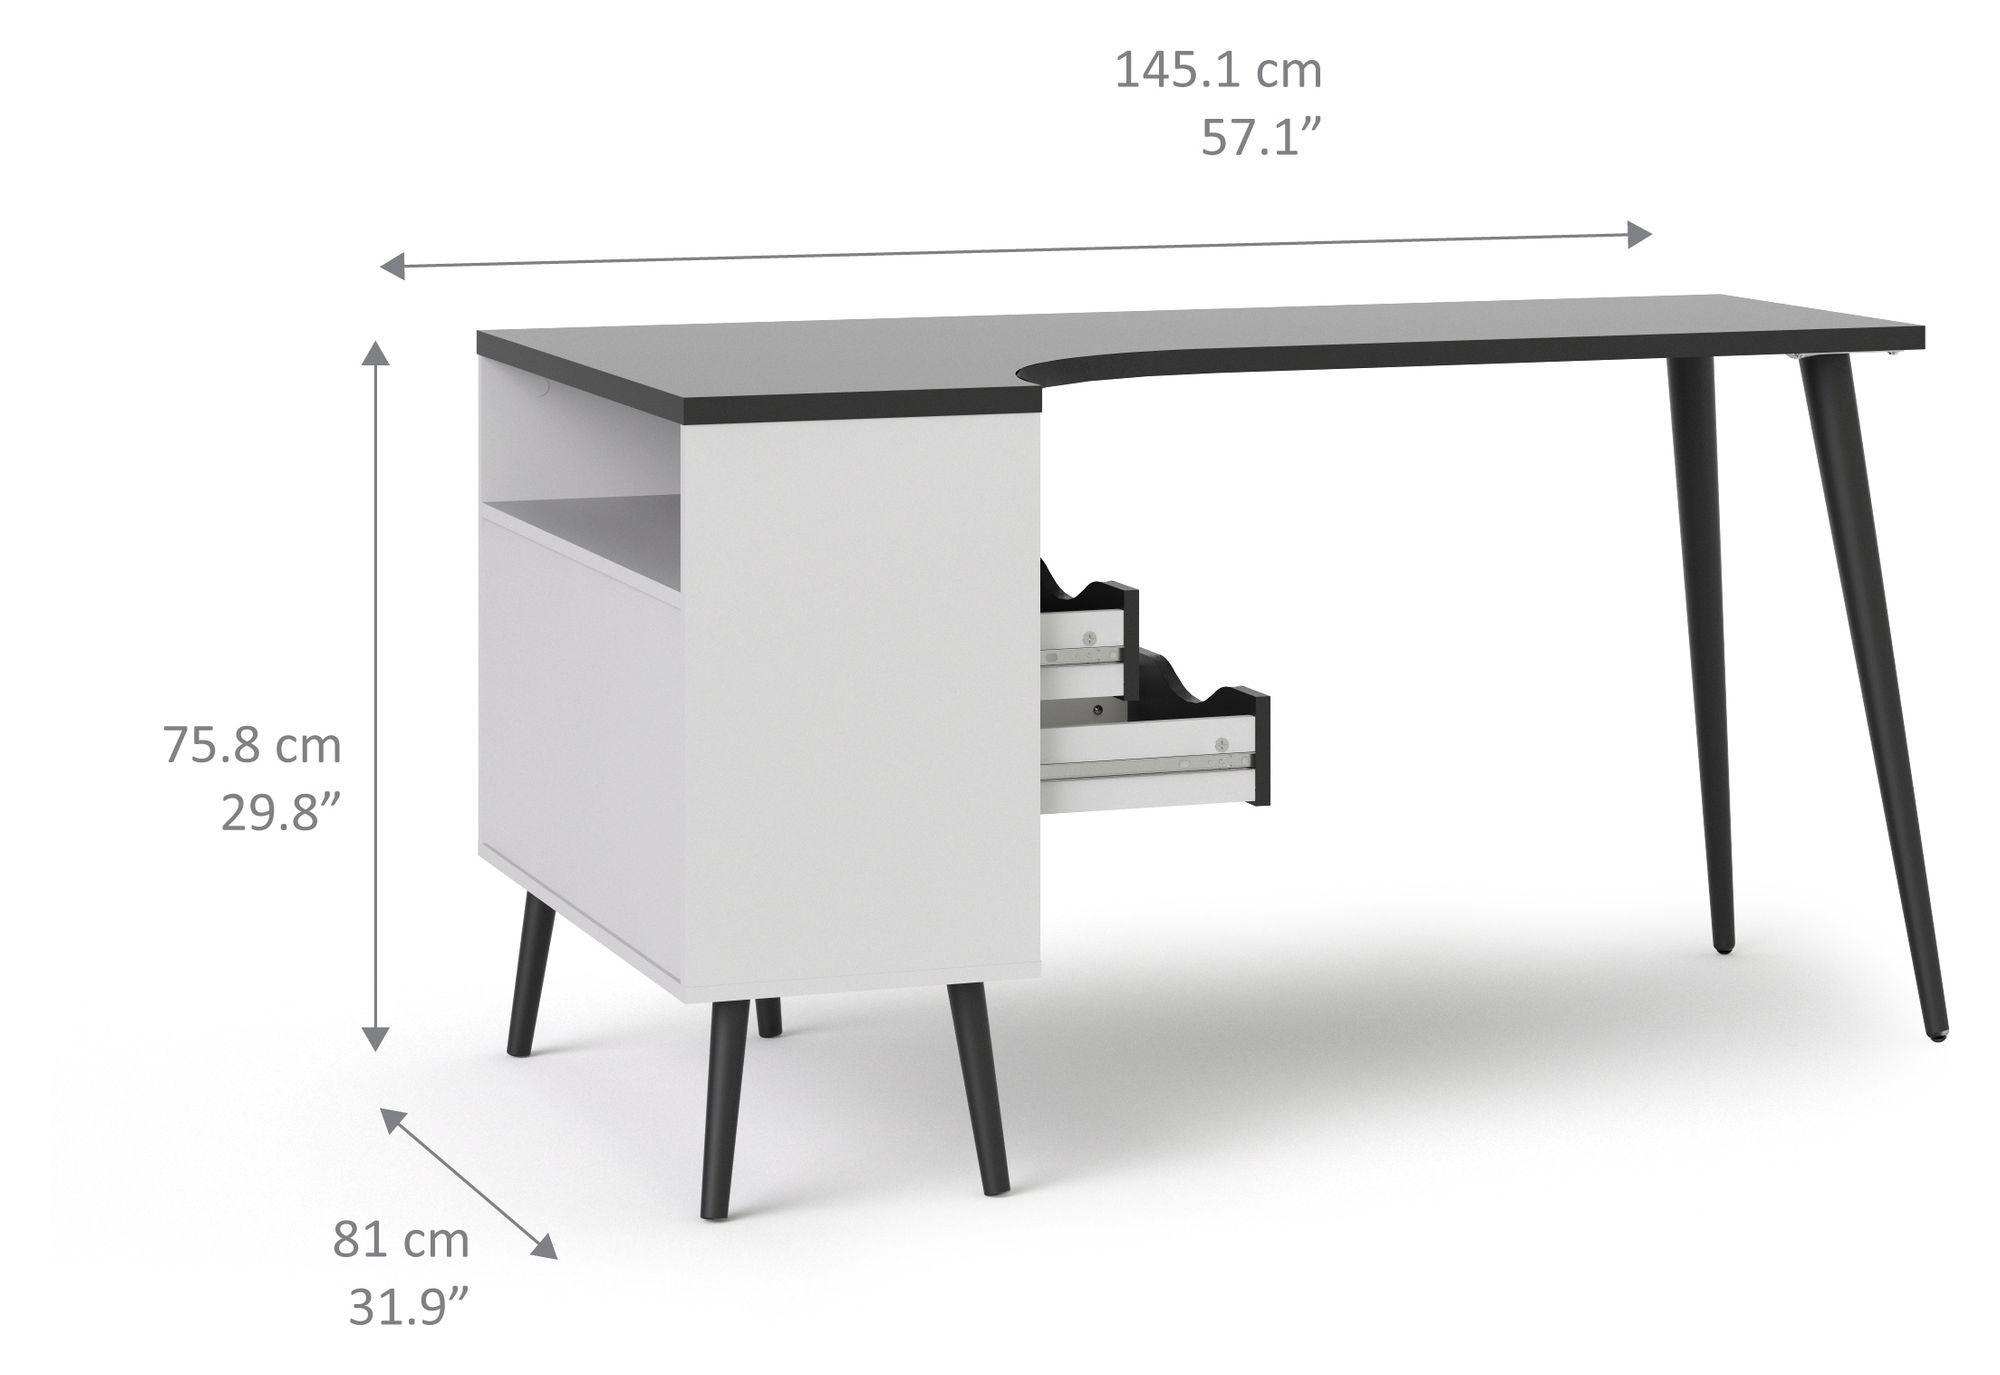 Delta Skrivebord m/vinkel og opbevaring - Sort